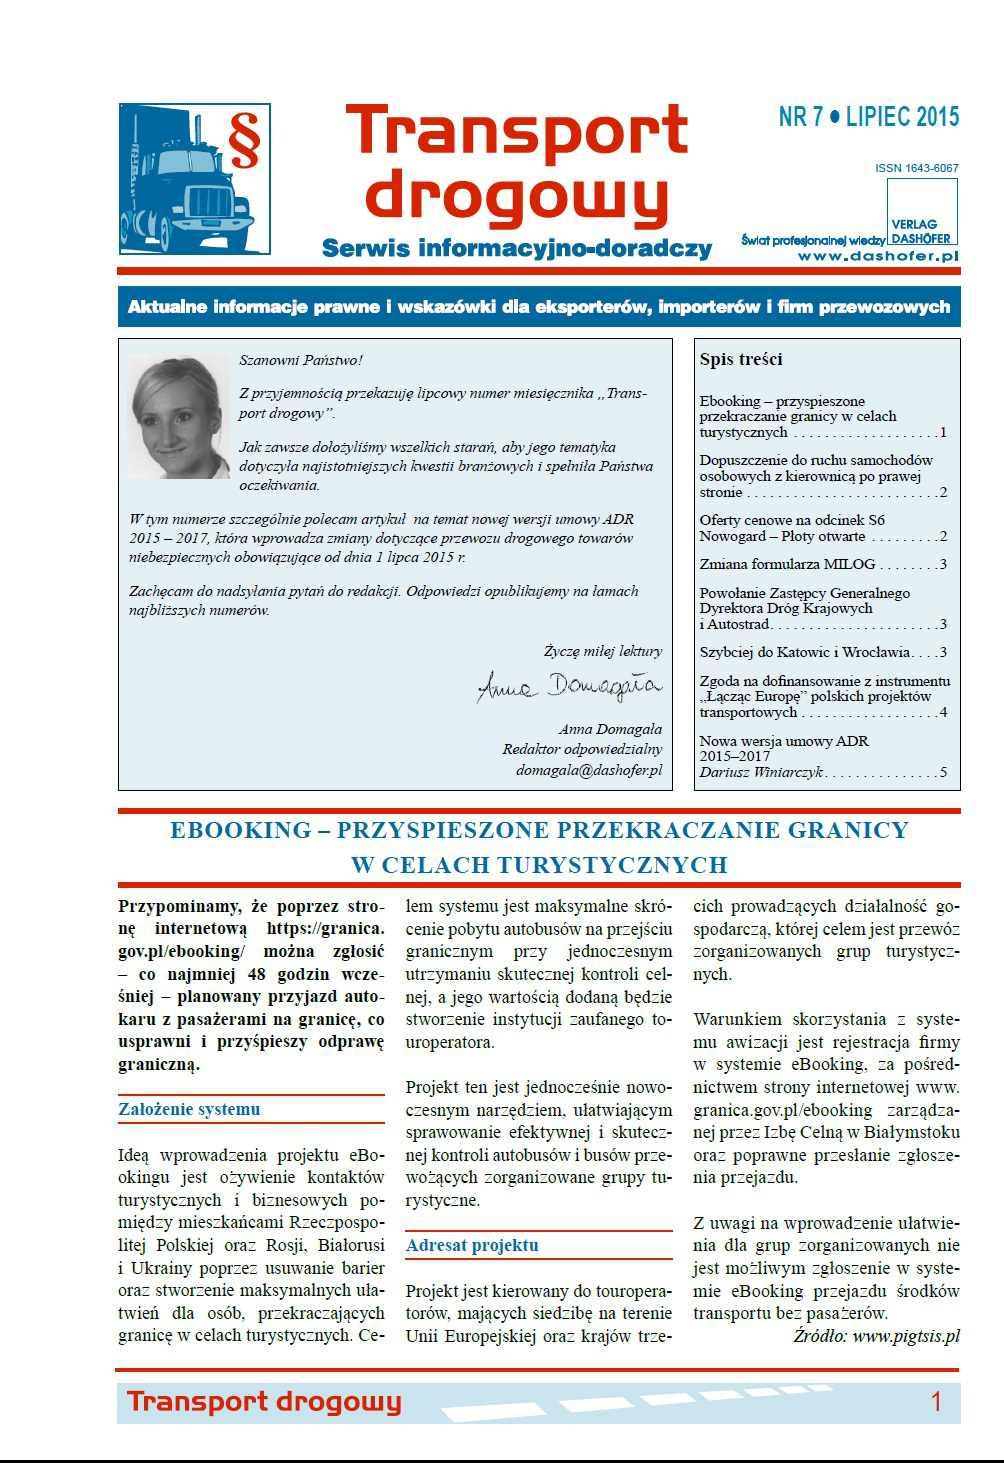 Transport drogowy. Aktualne informacje prawne i wskazówki dla eksporterów, importerów i firm przewozowych. Nr 7/2015 - Ebook (Książka PDF) do pobrania w formacie PDF